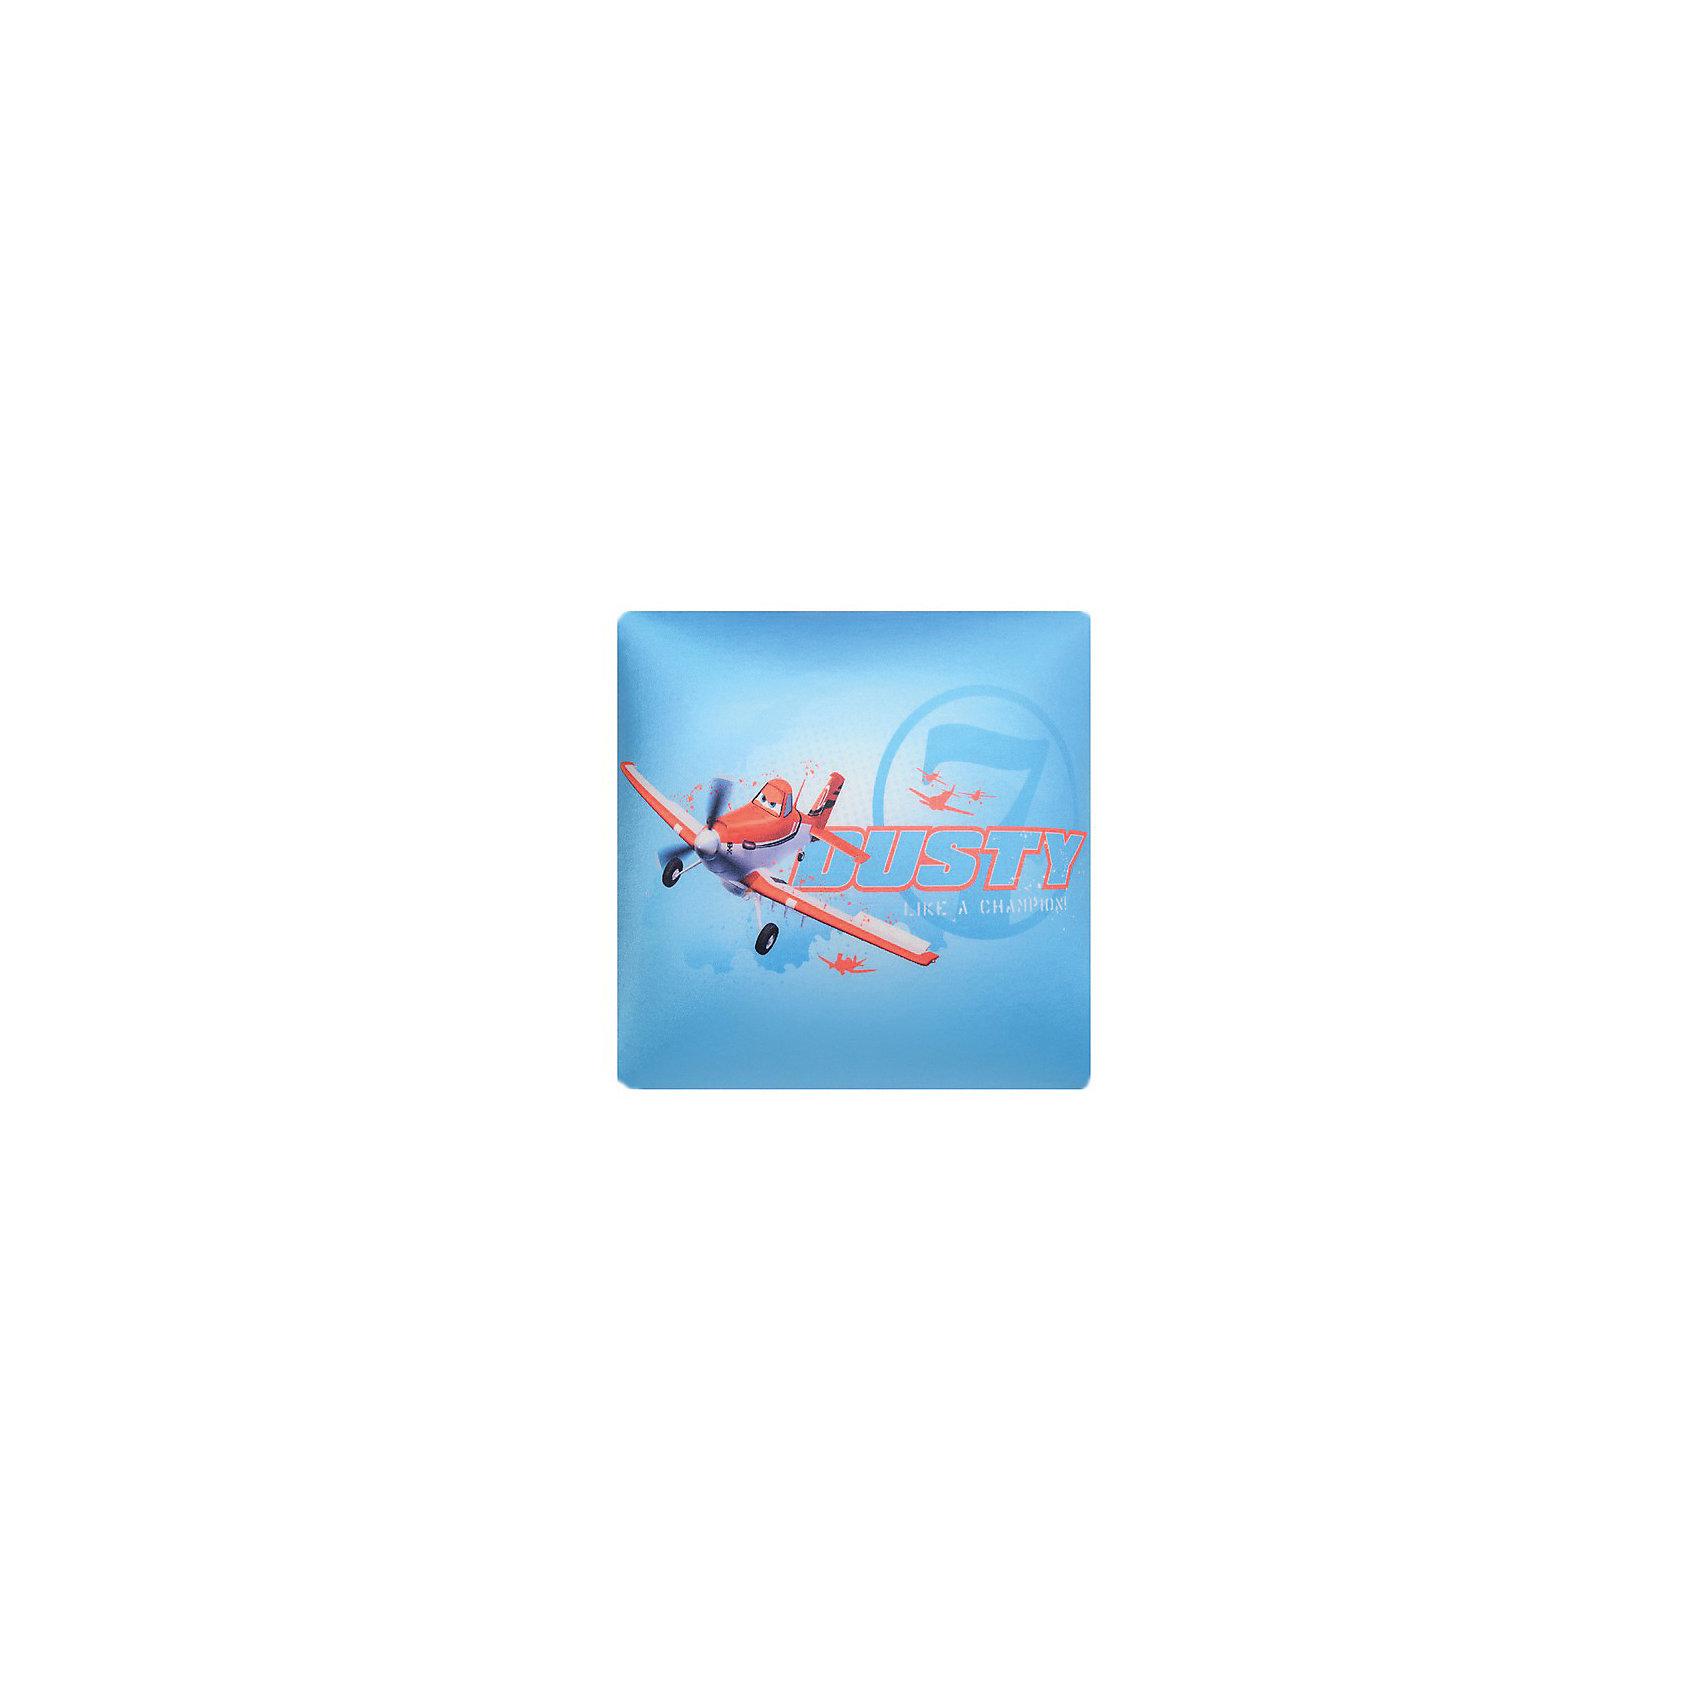 Подушка антистресс Самолеты 31*31, арт. 52756-1, Small Toys, синийХарактеристики товара:<br><br>• материал: текстиль, шарики полистирол<br>• размер: 31х31 см<br>• украшена принтом<br>• эффект массажа<br>• страна бренда: Российская Федерация<br>• страна производства: Российская Федерация<br><br>Думаете, что подарить? Красивая и качественная подушка может отличным подарком ребенку или взрослому, тем более, если она украшена изображением любимого персонажа. Подушка сделана из приятного на ощупь материала и специального наполнителя - гранул полистирола, которые приятно пересыпаются внутри неё.<br>Такое изделие сможет оказывать точечный массаж ладошек, если держать её в руках, развивать моторику и отвлекать ребенка при необходимости. В поездках или дома на диване такая подушка поможет занять удобное положение и при этом будет приятно массировать шею. Подушка выполнена в приятной расцветке. Швы хорошо проработаны. Изделие произведено из сертифицированных материалов, безопасных для детей.<br><br>Подушку антистресс Самолеты 31*31, арт. 52756/Bl-1 от бренда Small Toys можно купить в нашем интернет-магазине.<br><br>Ширина мм: 60<br>Глубина мм: 310<br>Высота мм: 310<br>Вес г: 60<br>Возраст от месяцев: 36<br>Возраст до месяцев: 72<br>Пол: Мужской<br>Возраст: Детский<br>SKU: 3440372